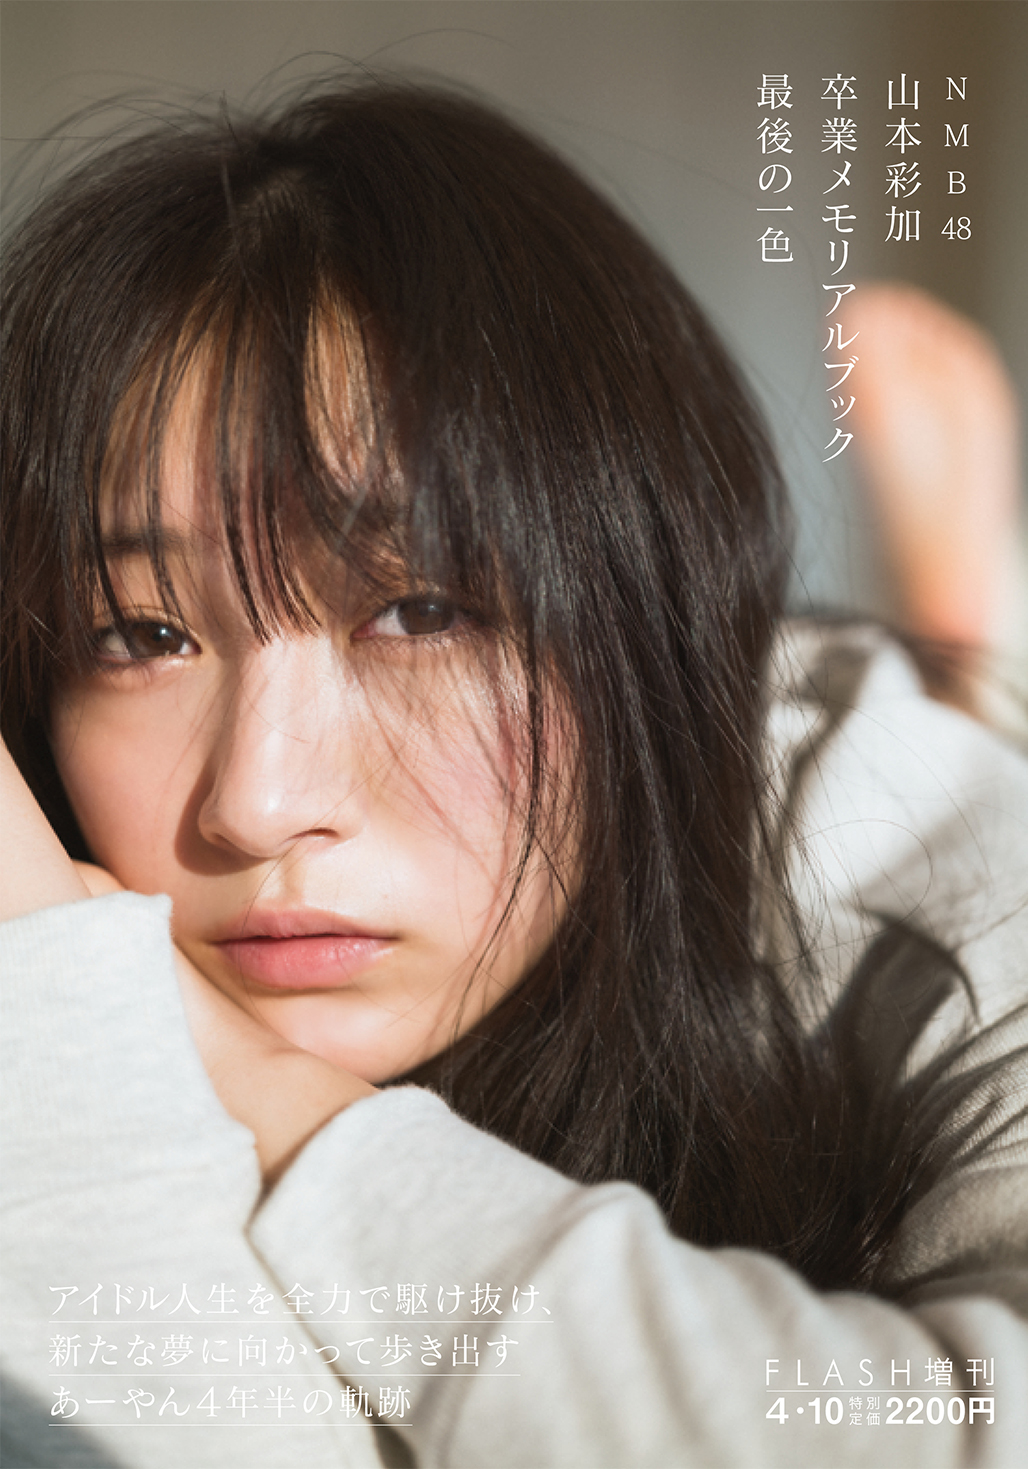 NMB48山本彩加の卒業メモリアルブック「最後の一色」表紙(撮影・前康輔氏)